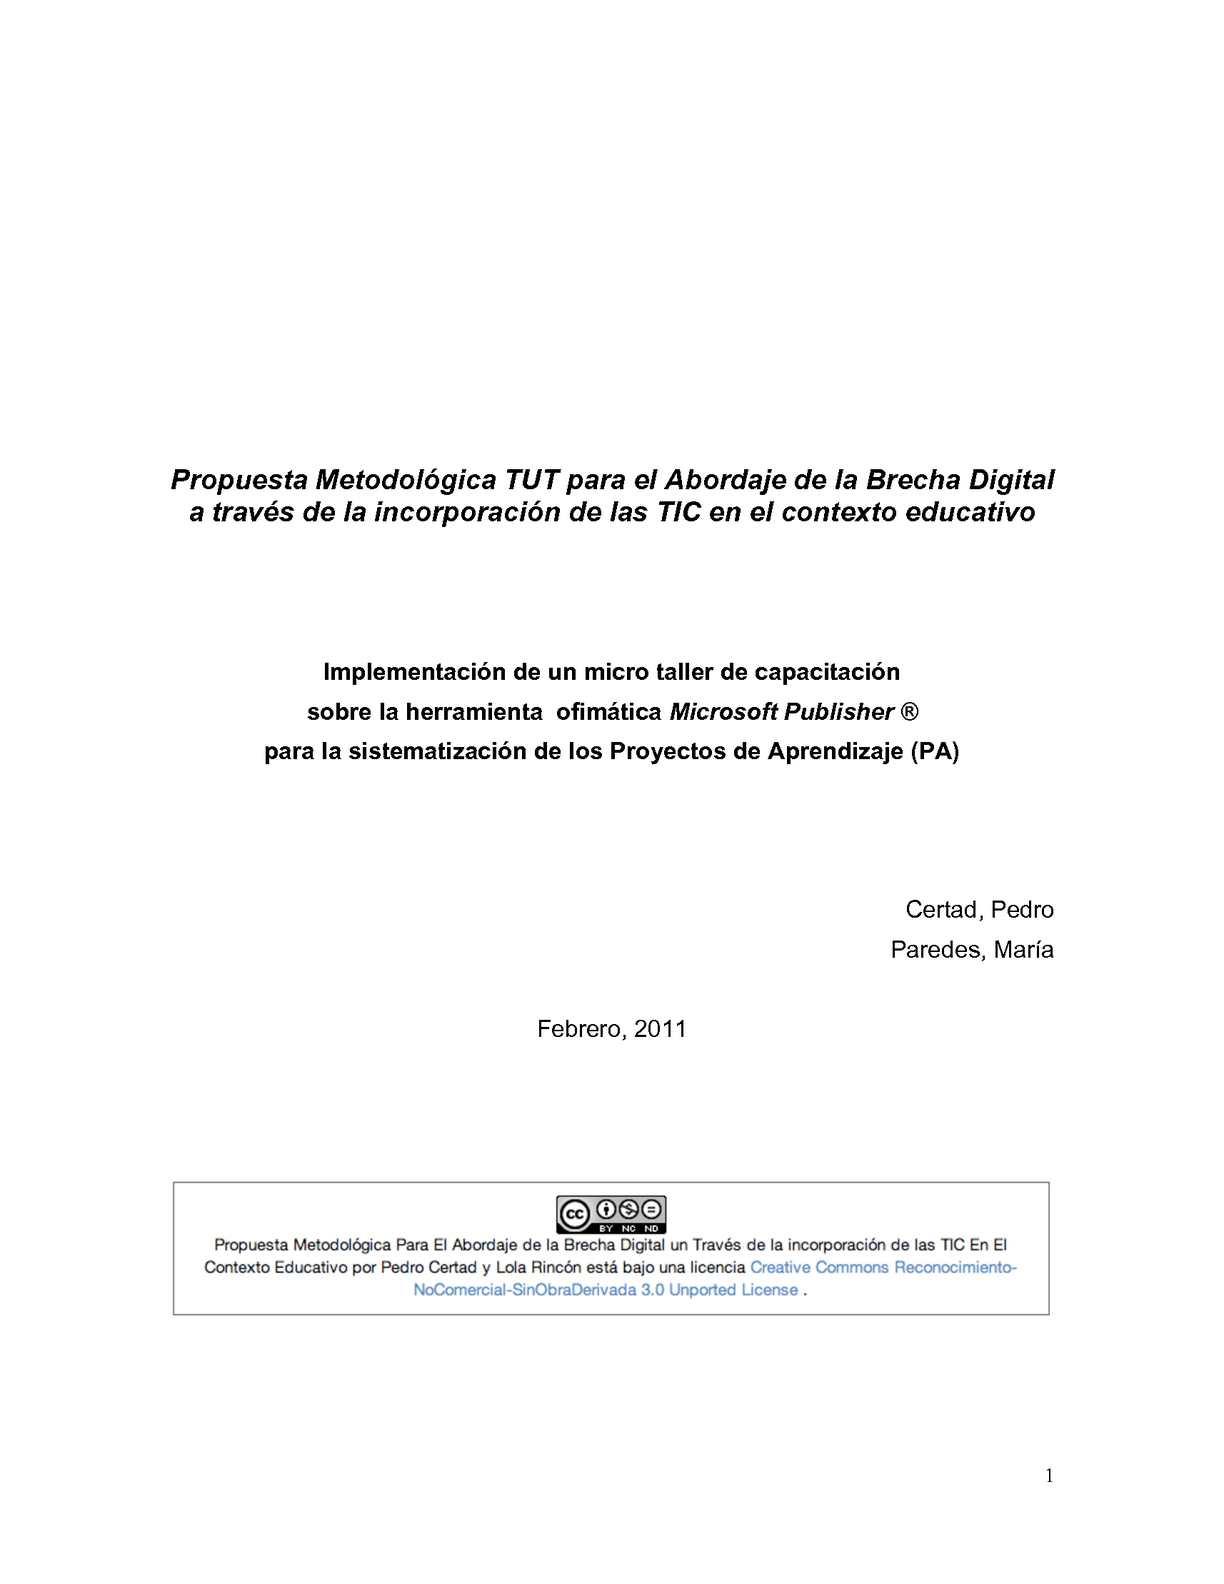 Calaméo - Propuesta Metodológica para el Abordaje de la Brecha Digital